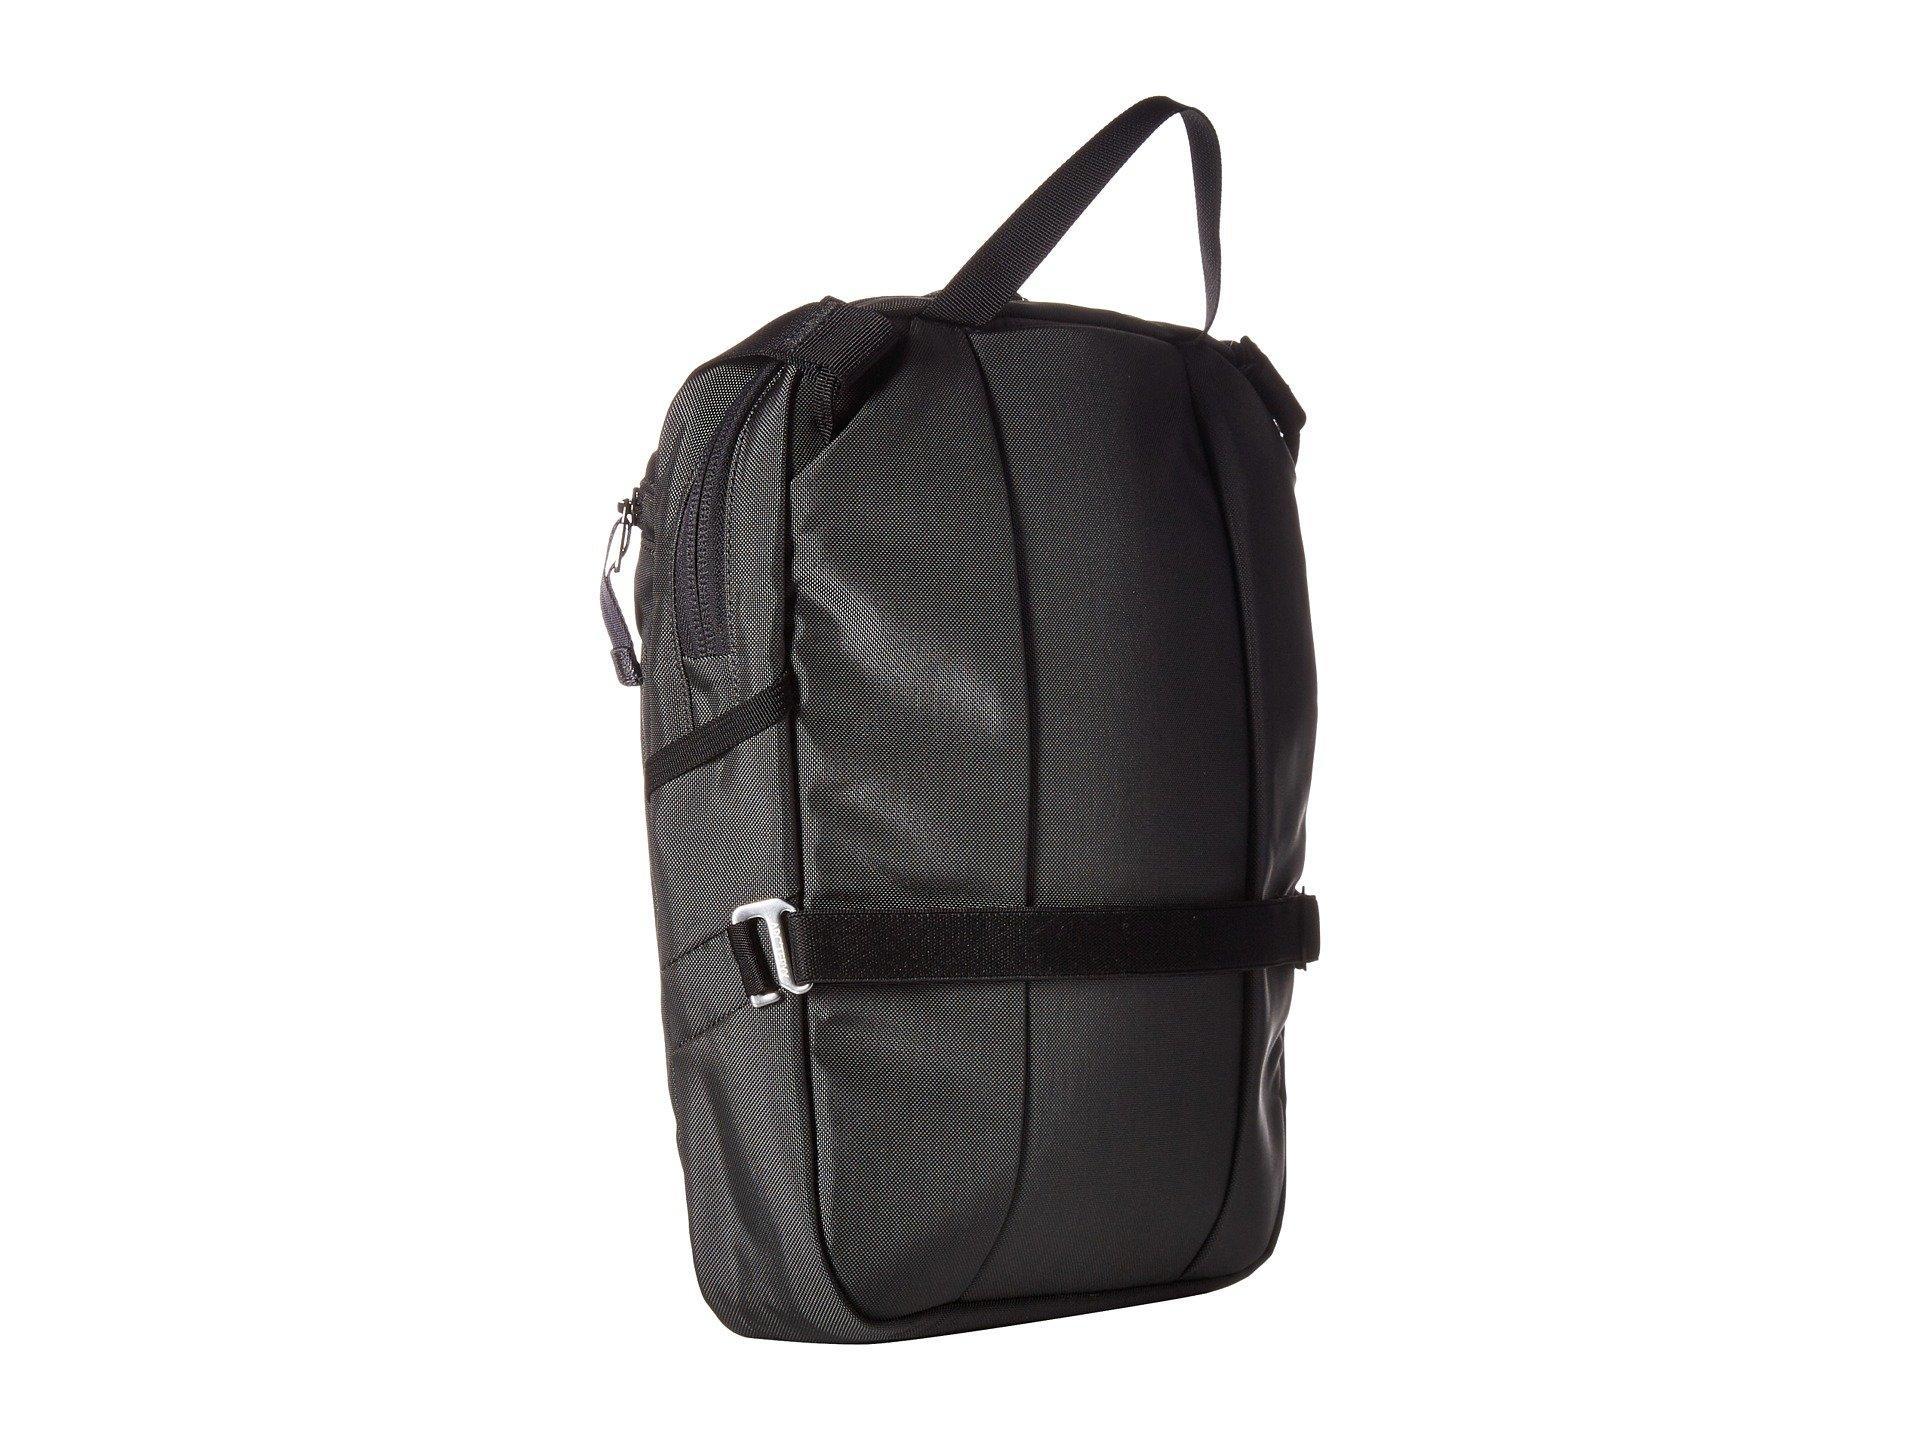 5d92beb7bec7 ... Slingblade 4 Shoulder Bag (pilot) Shoulder Handbags for Men. View  fullscreen